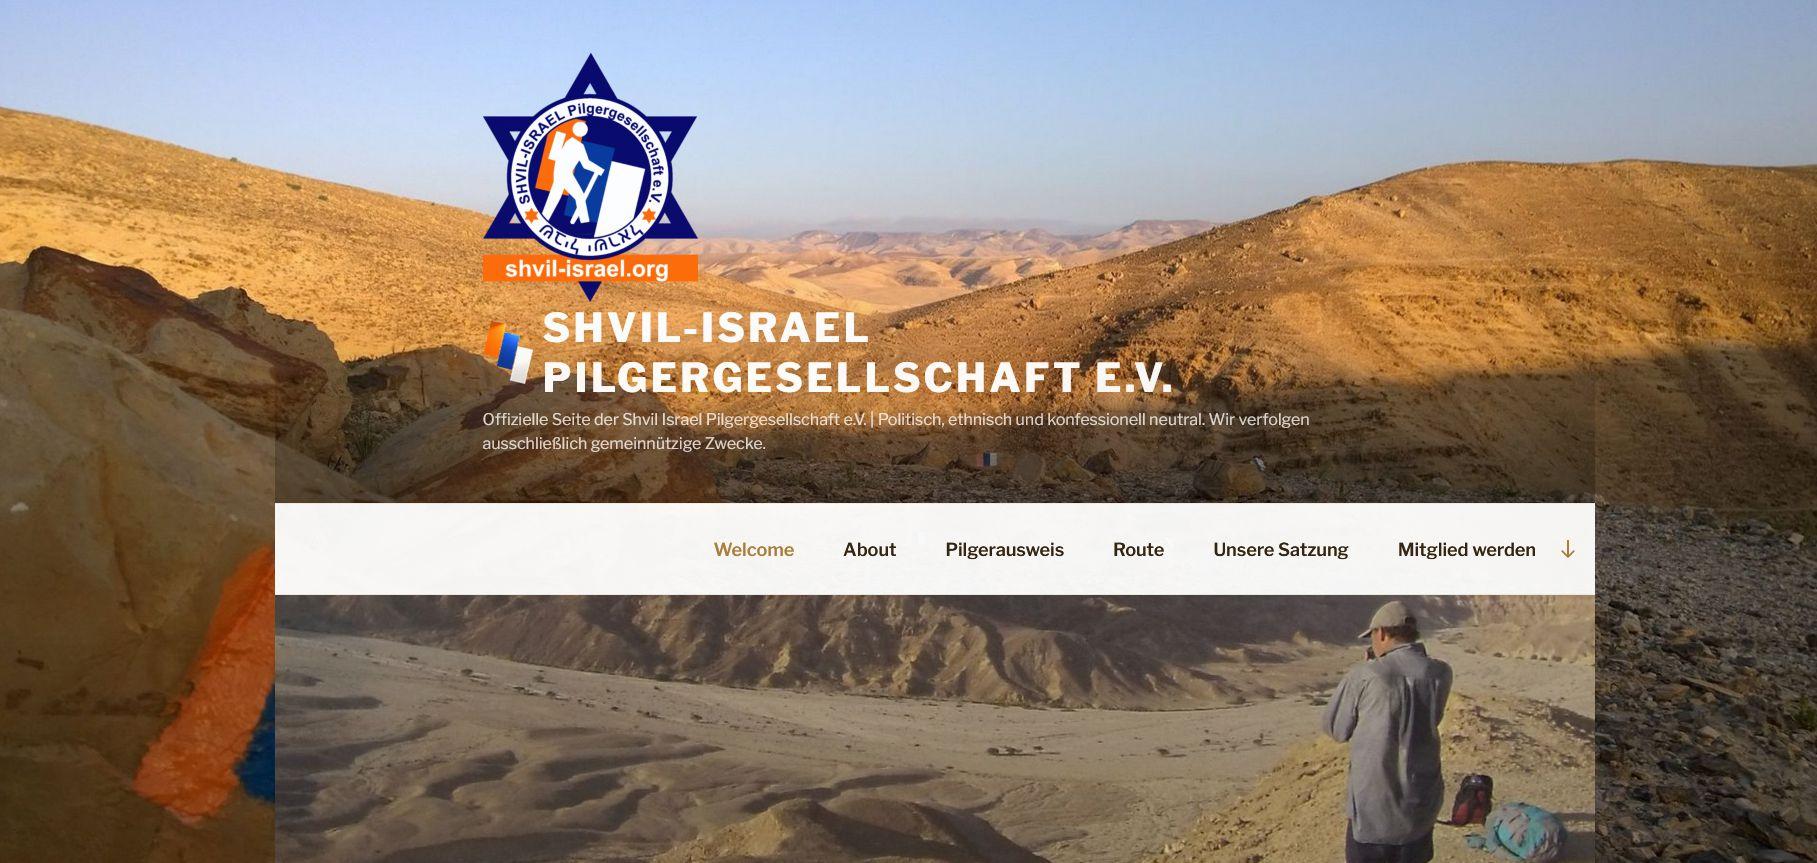 Shvil Israel Pilgergesellschaft e.V.